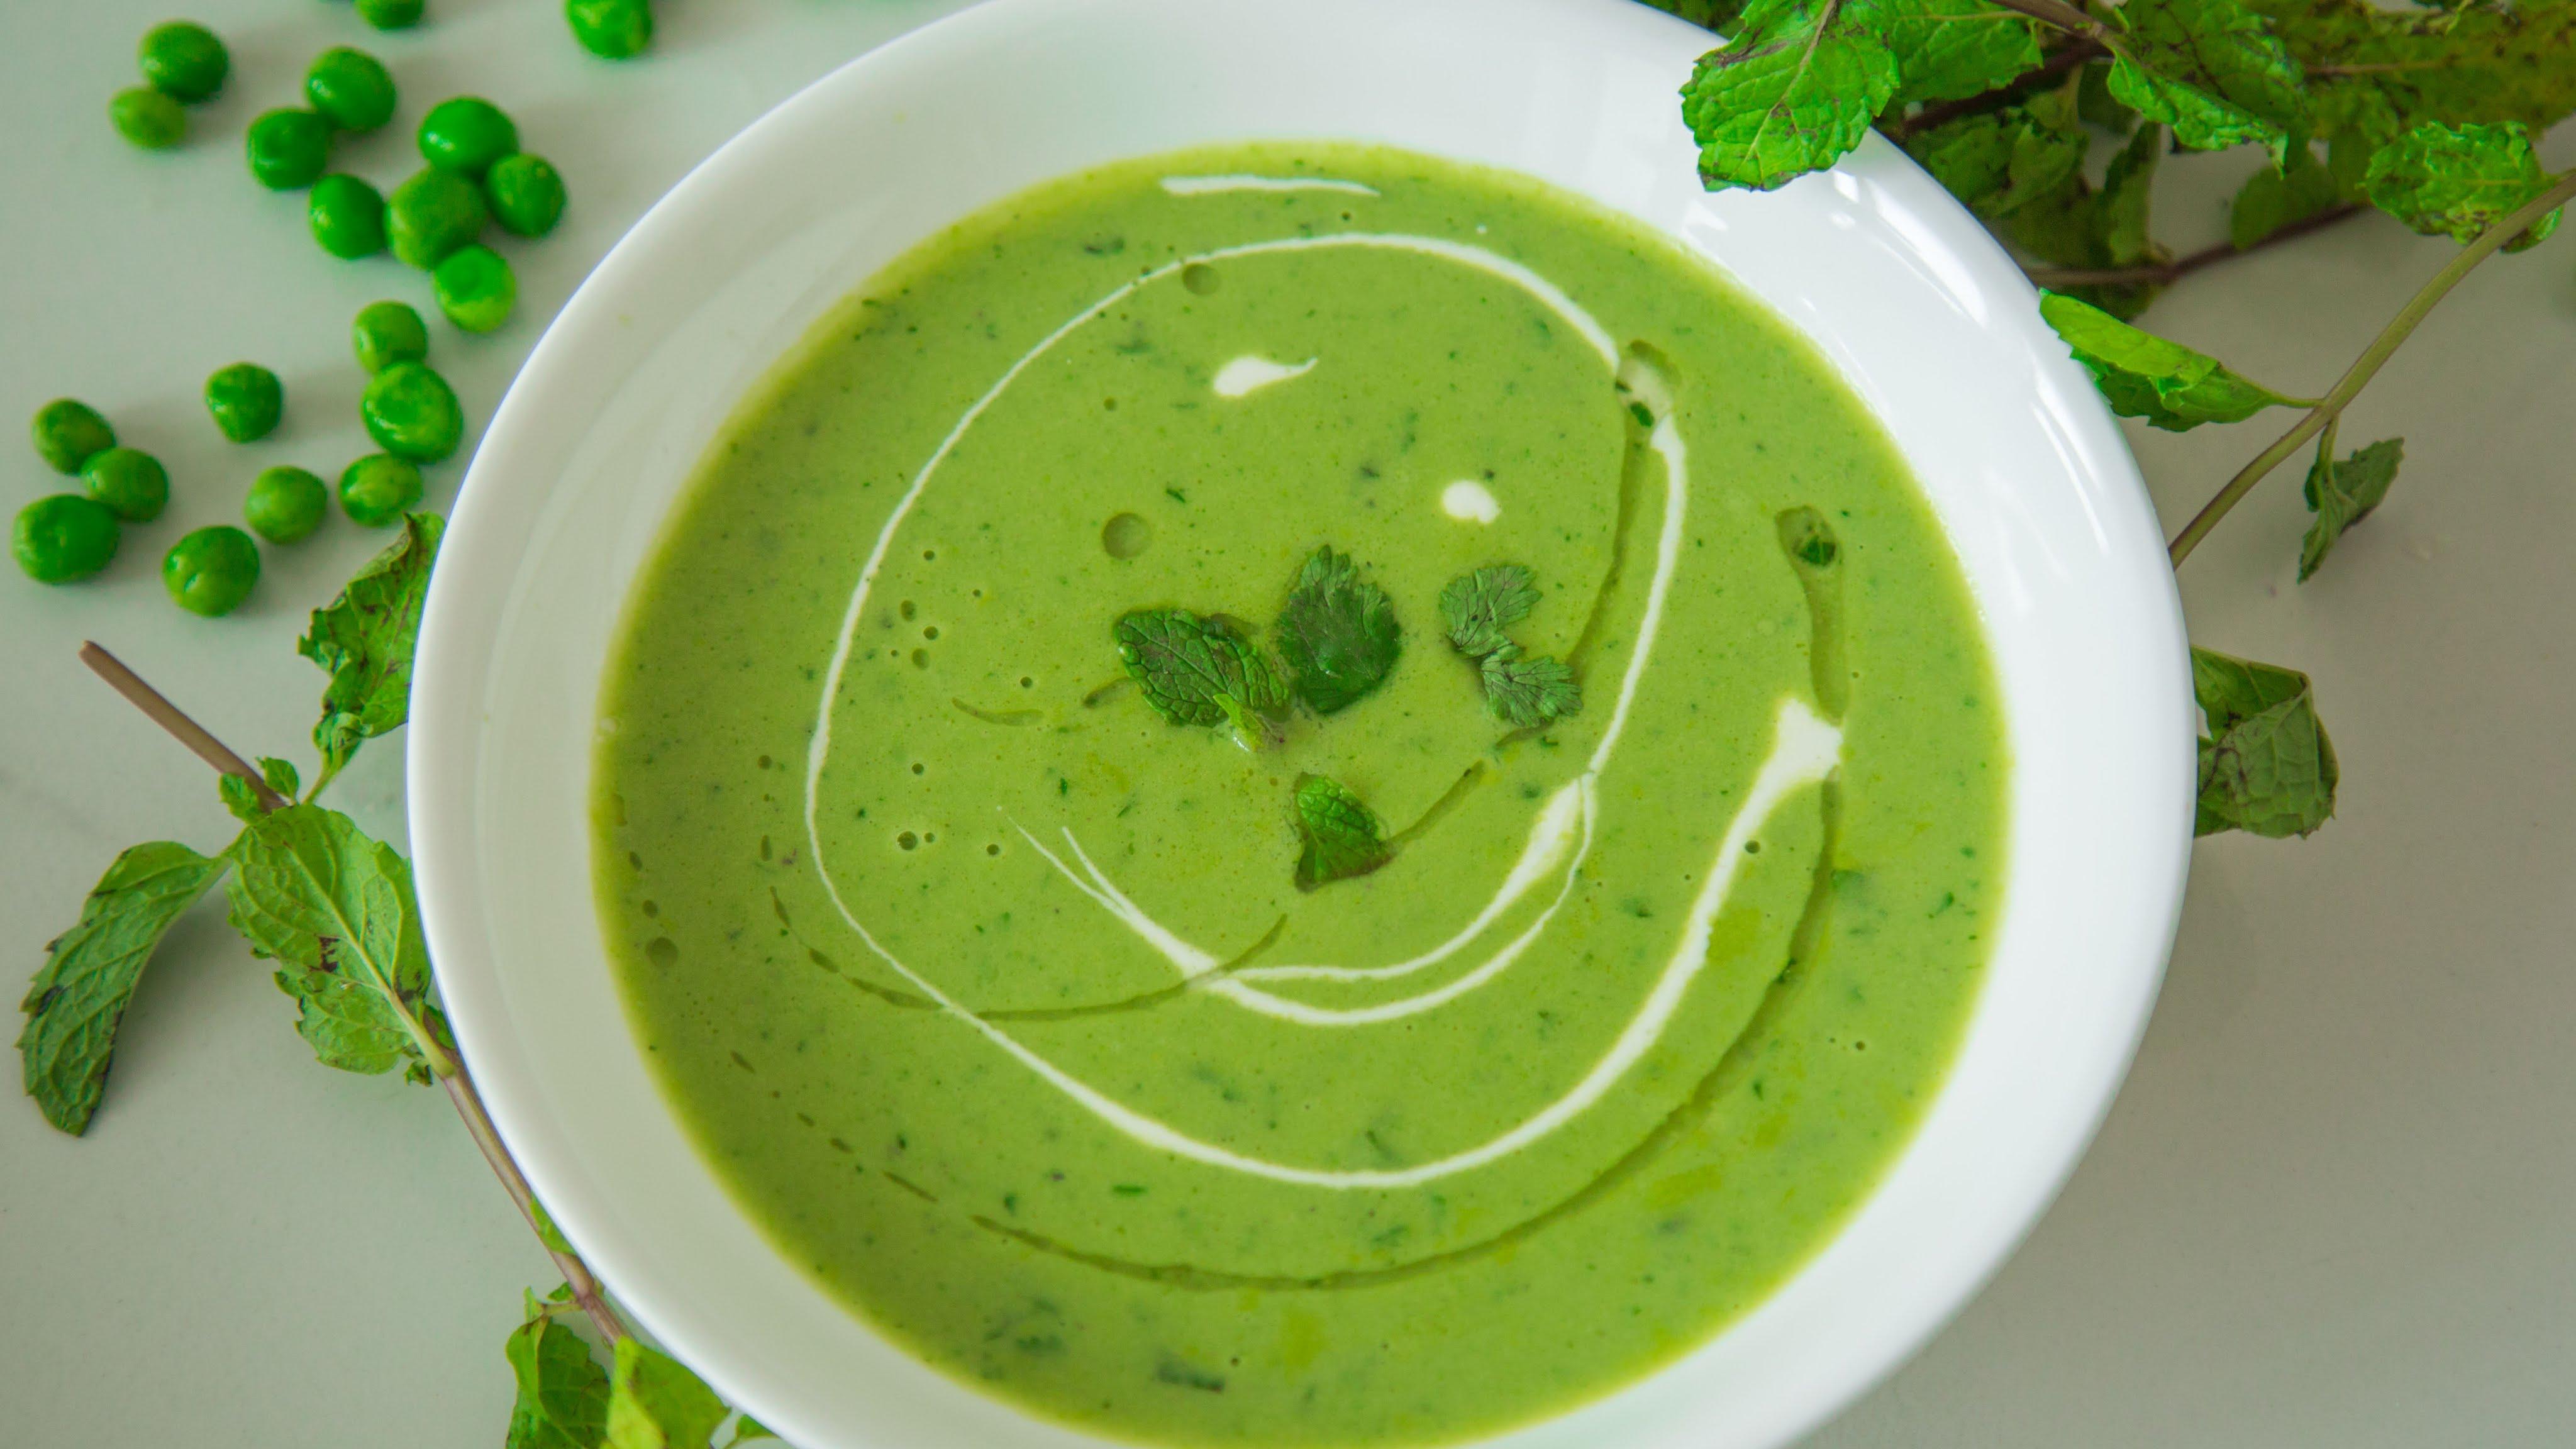 घर पर ऐसे बनाएं गर्मा-गर्म टेस्टी और स्पाइसी सूप.....